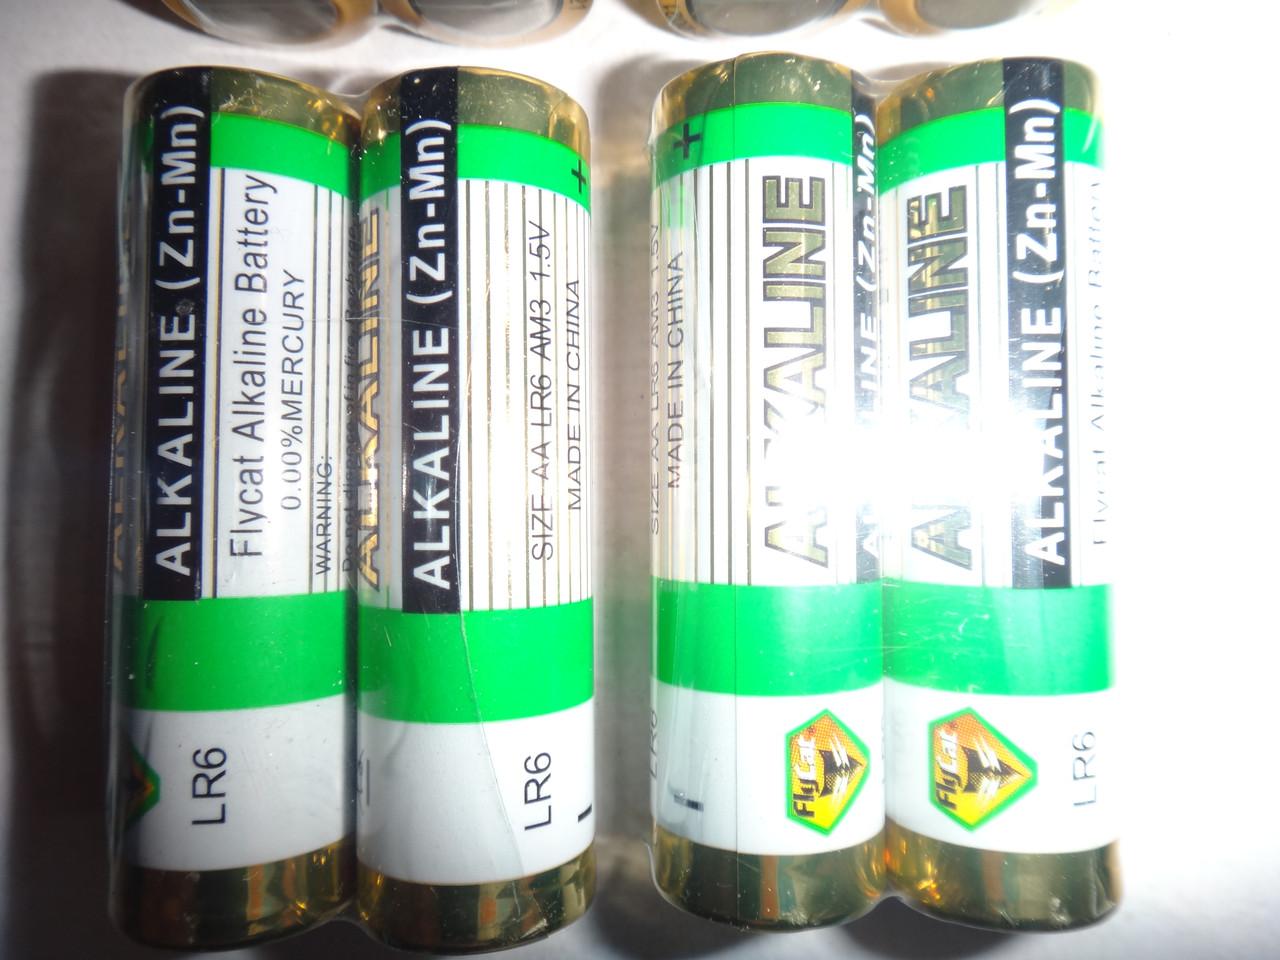 Батарейка Alkaline LR6 AA (Zn-Mn) Flycat Alkaline Battery 0.00%Mercury розница опт поколение 2017